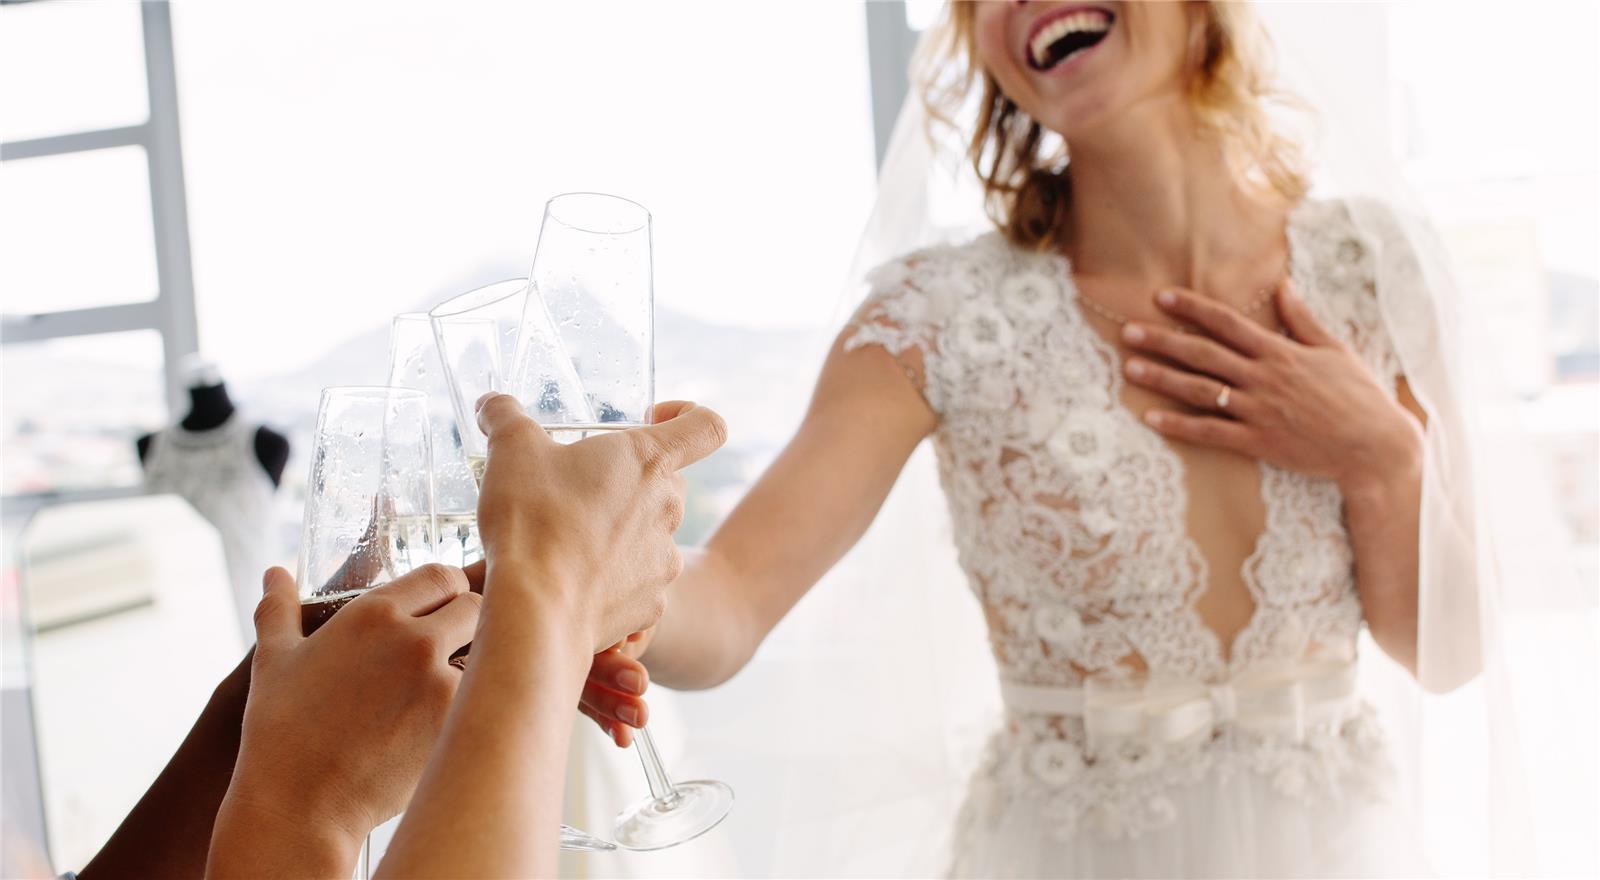 10...9...8...7.... חתונת סילבסטר נוצצת בצל הסגר - בואכה 2021, הפקת אירוע, 1